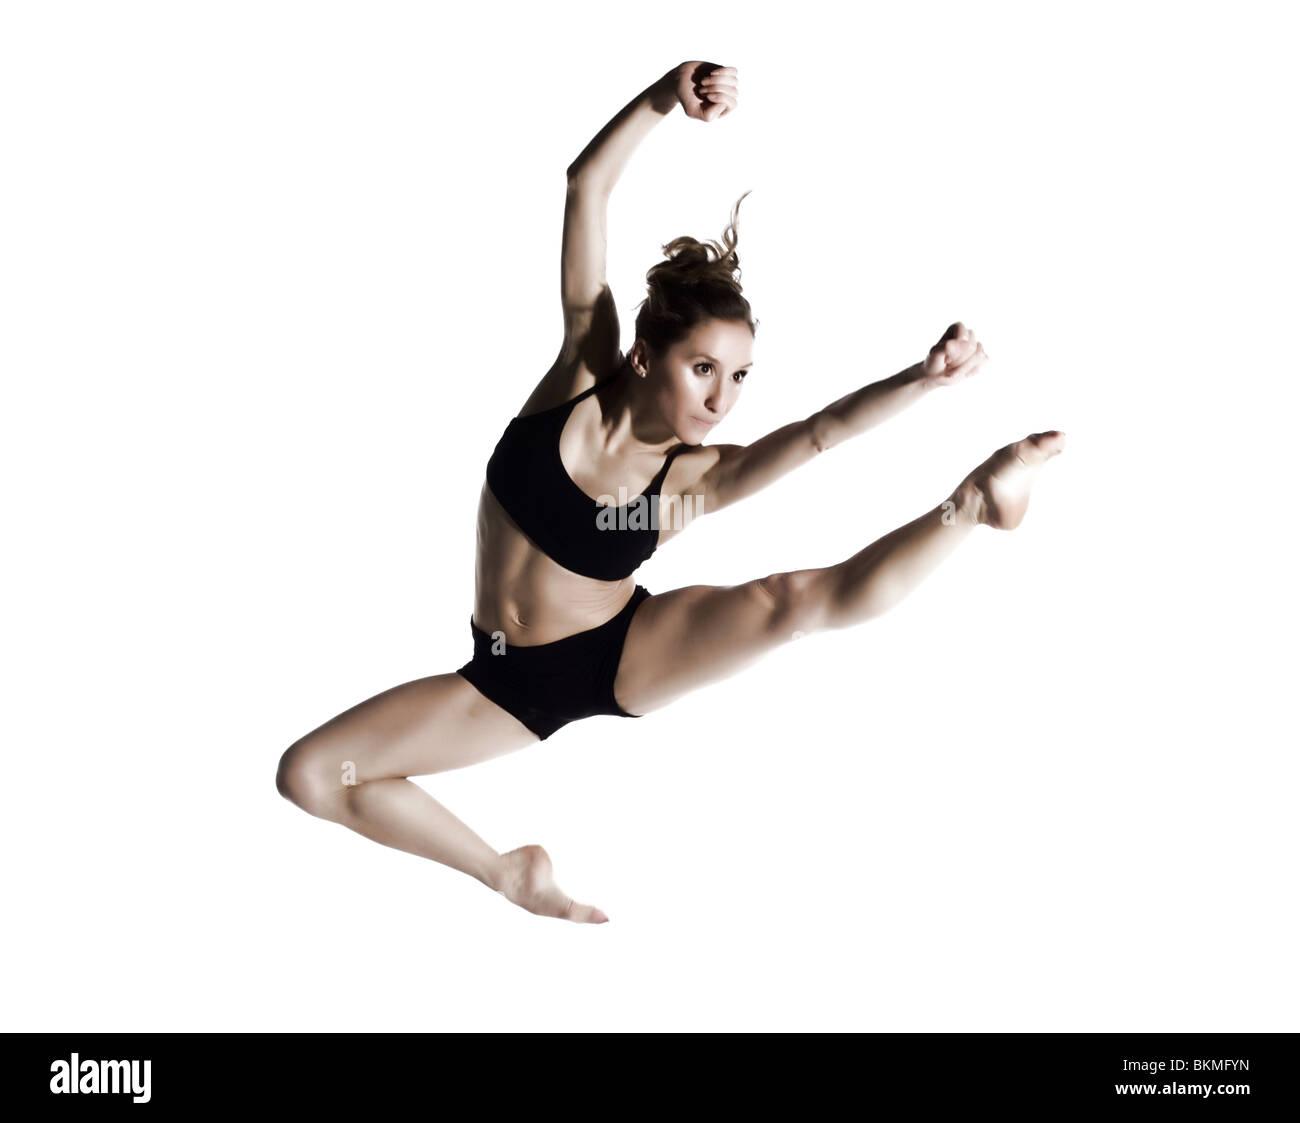 Profesional joven bailarín saltando Imagen De Stock